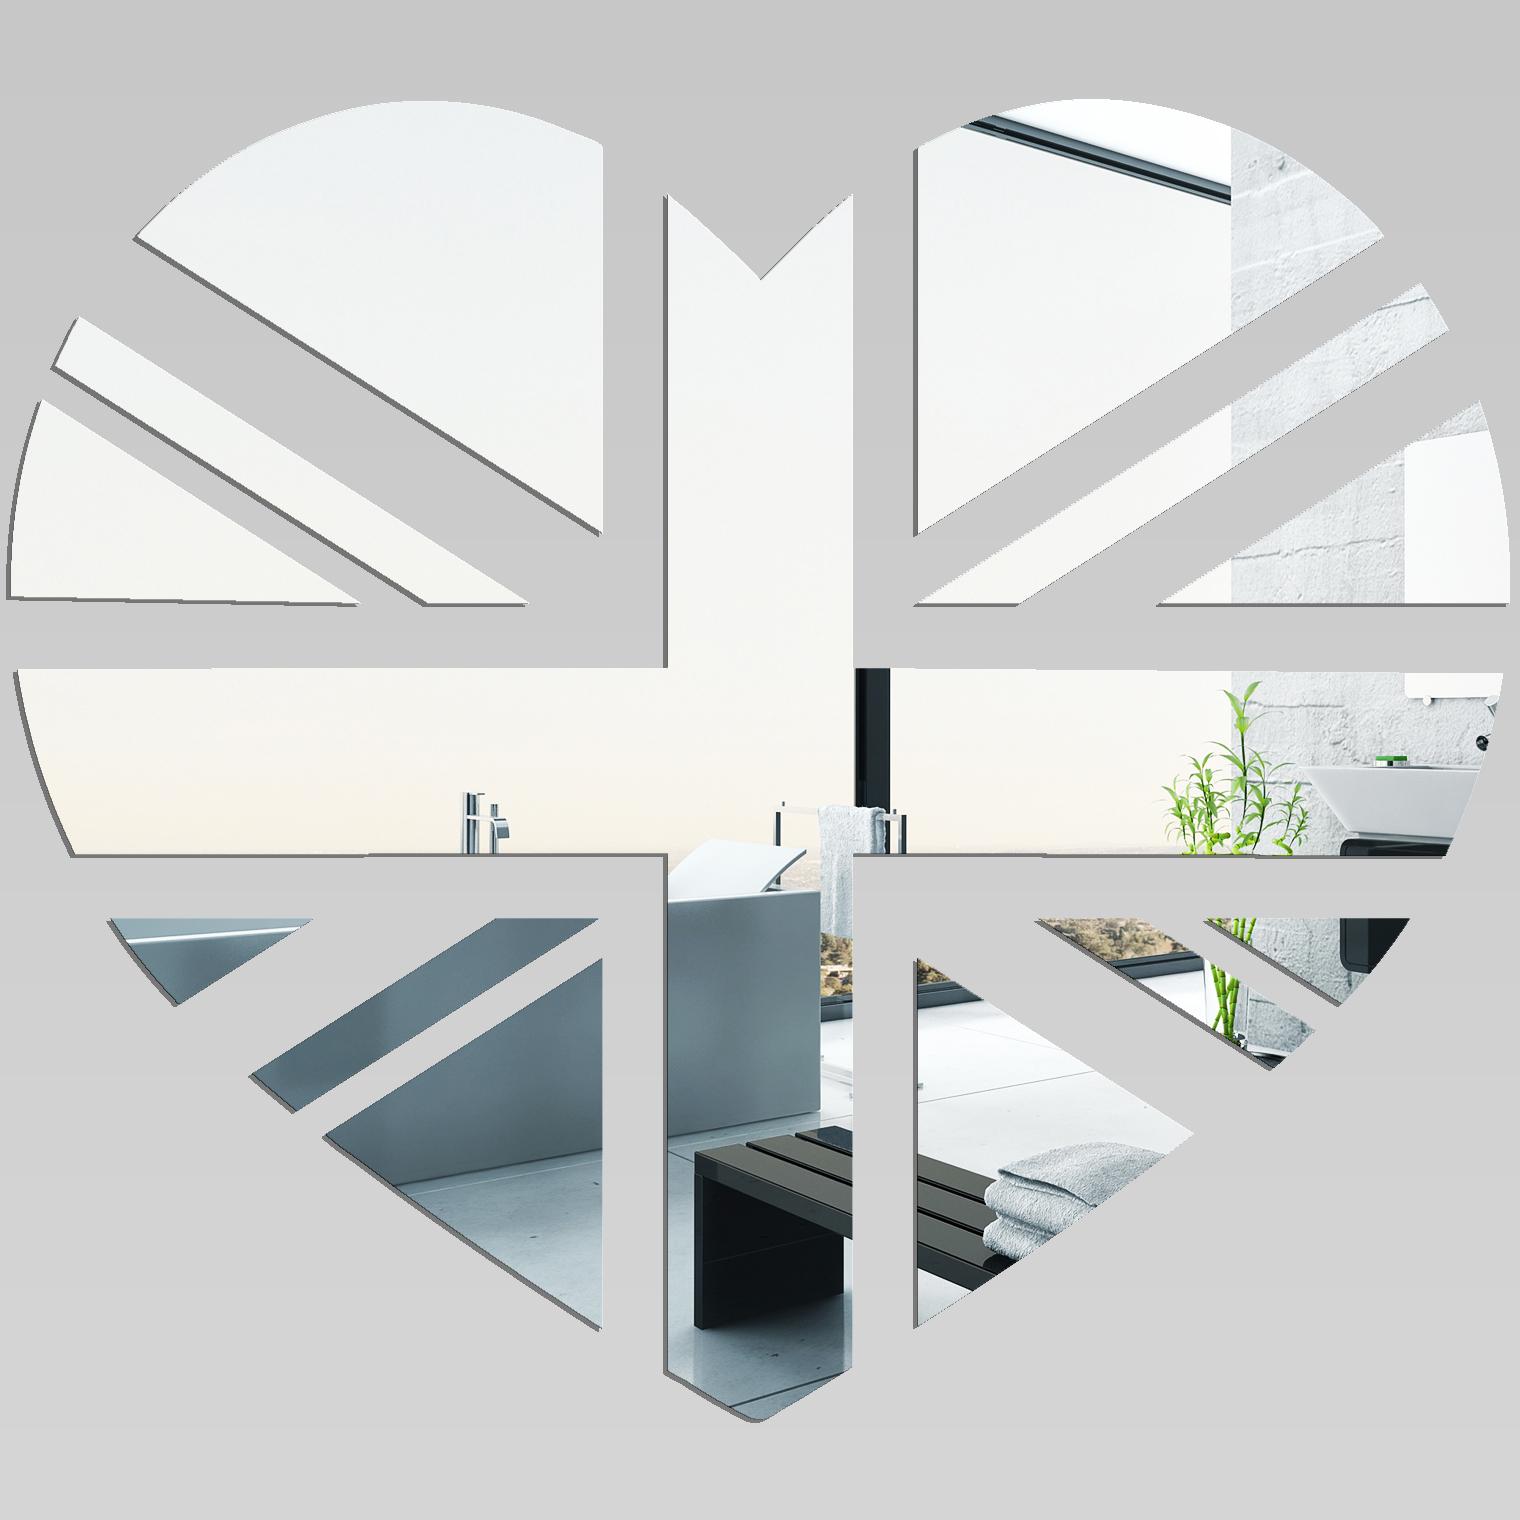 Miroir plexiglass acrylique coeur london pas cher for Miroir acrylique